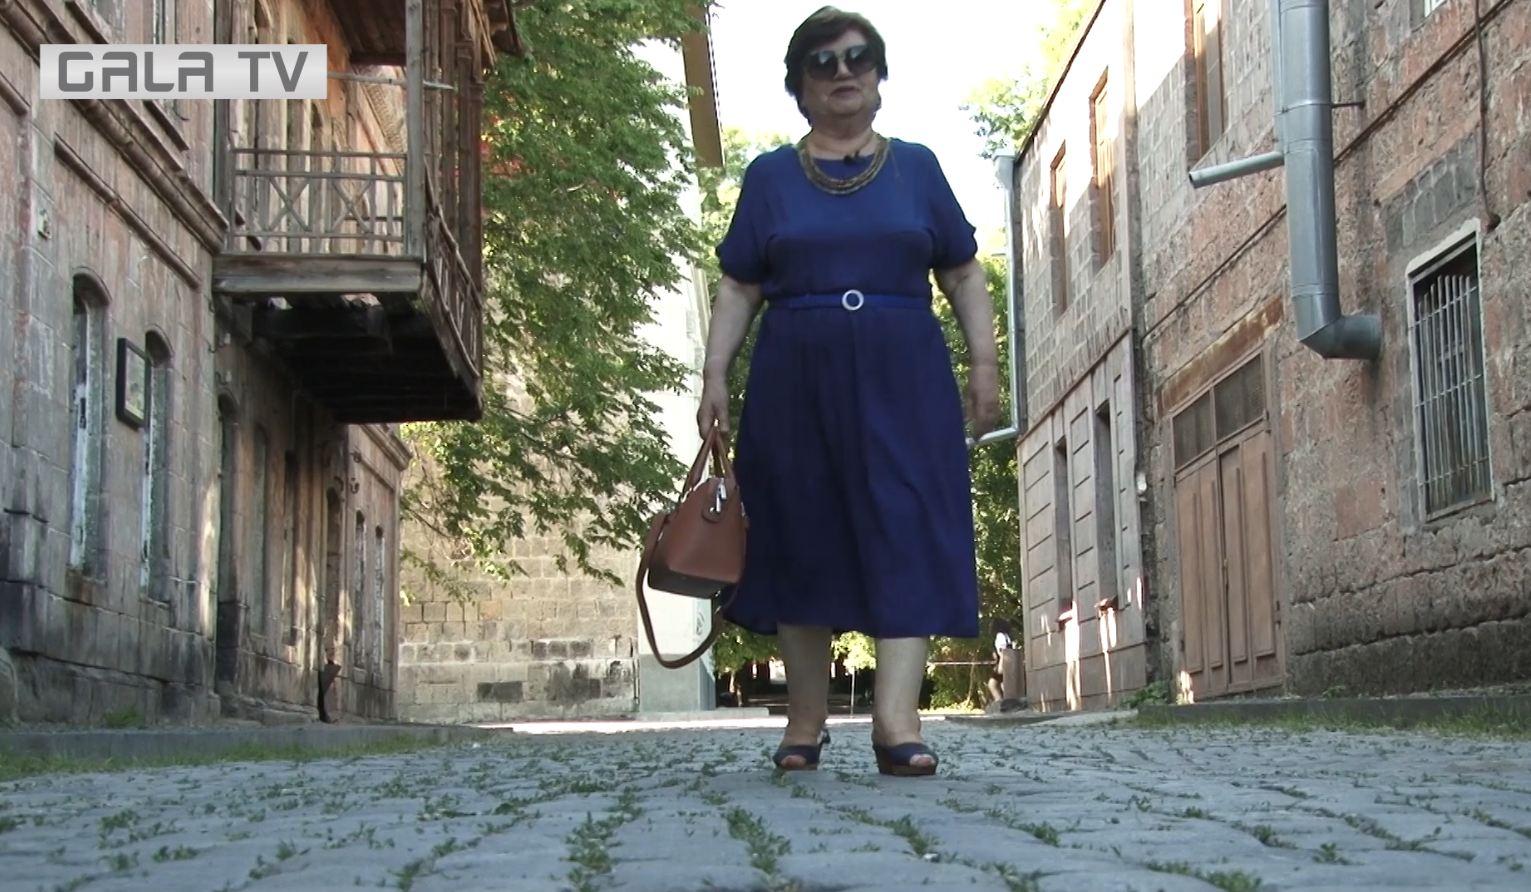 Photo of Գյումրեցի ամենակոլորիտային կինը պնդում է՝ երբեք չի գնա հարազատ քաղաքից, որտեղ իրեն ամուր ու «արմատներով» է զգում